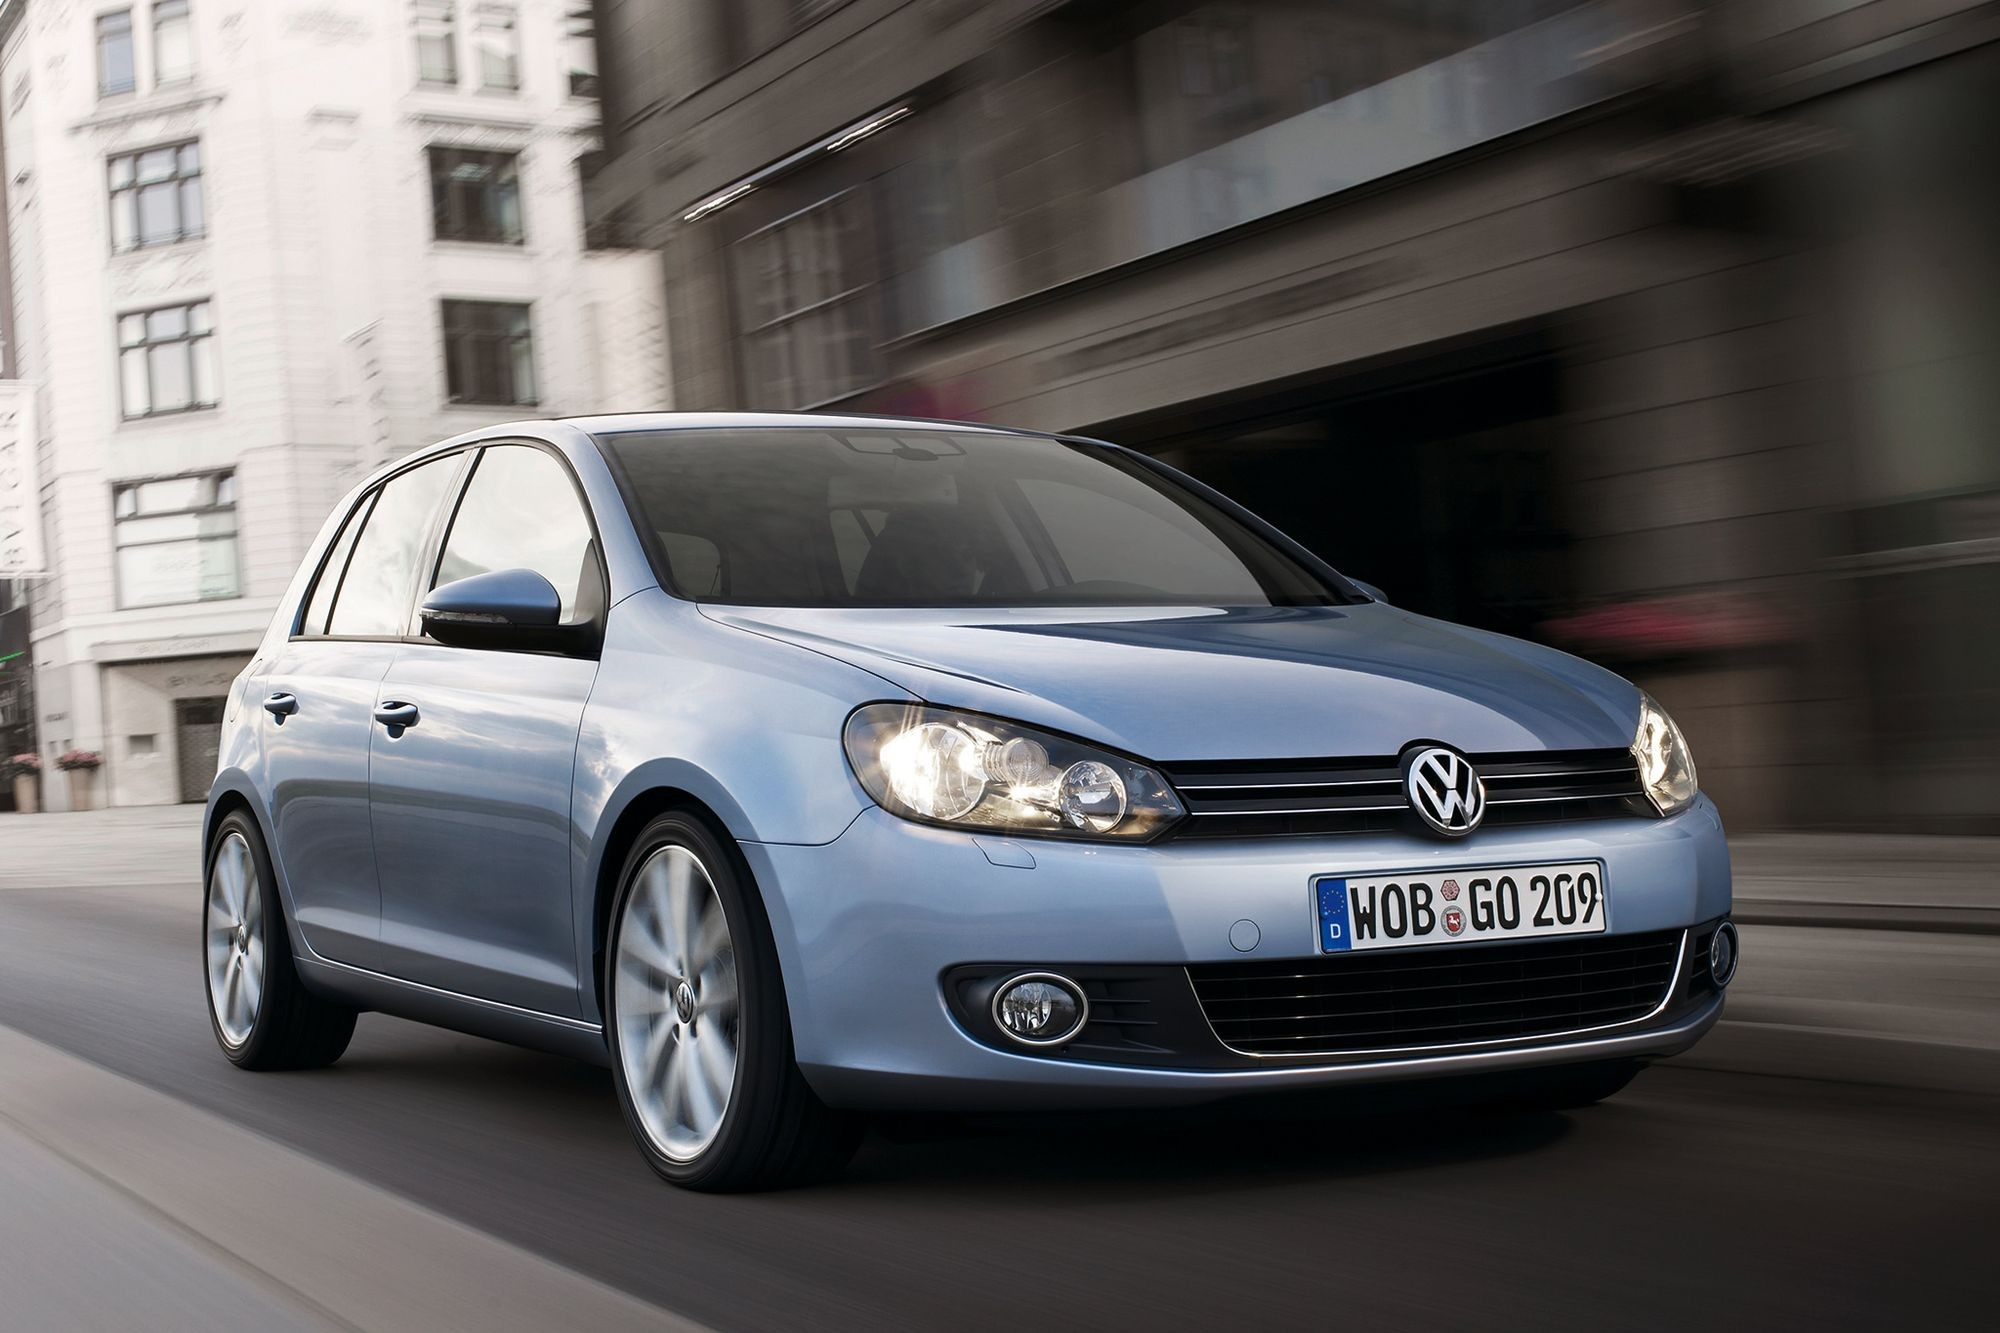 Найти и уничтожить: Volkswagen выкупит старые машины у их владельцев и утилизирует